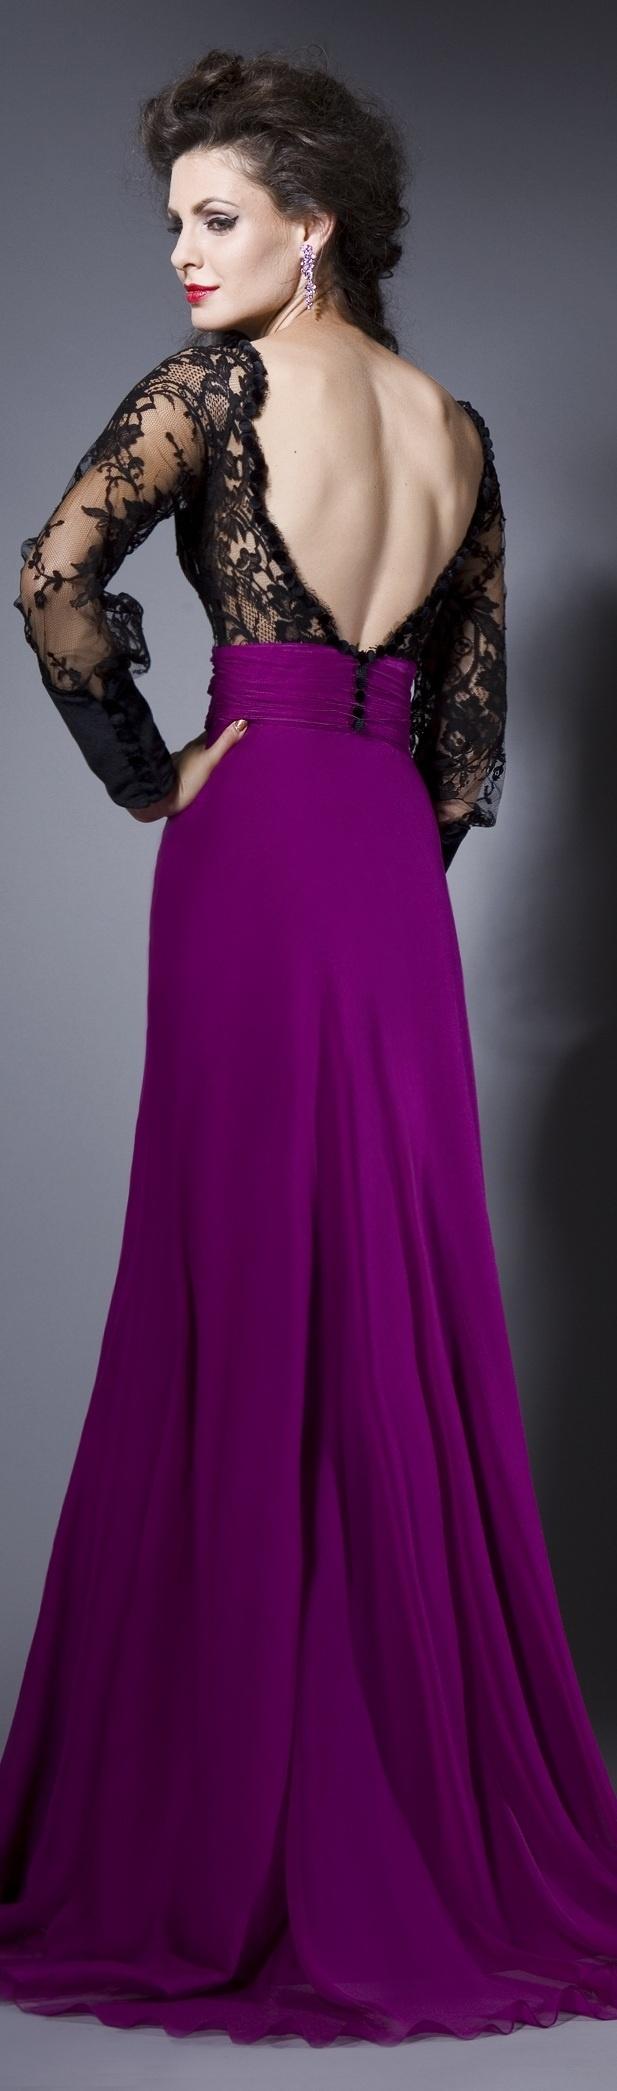 Asombroso Vestidos De Dama De Colores Neutros Galería - Vestido de ...